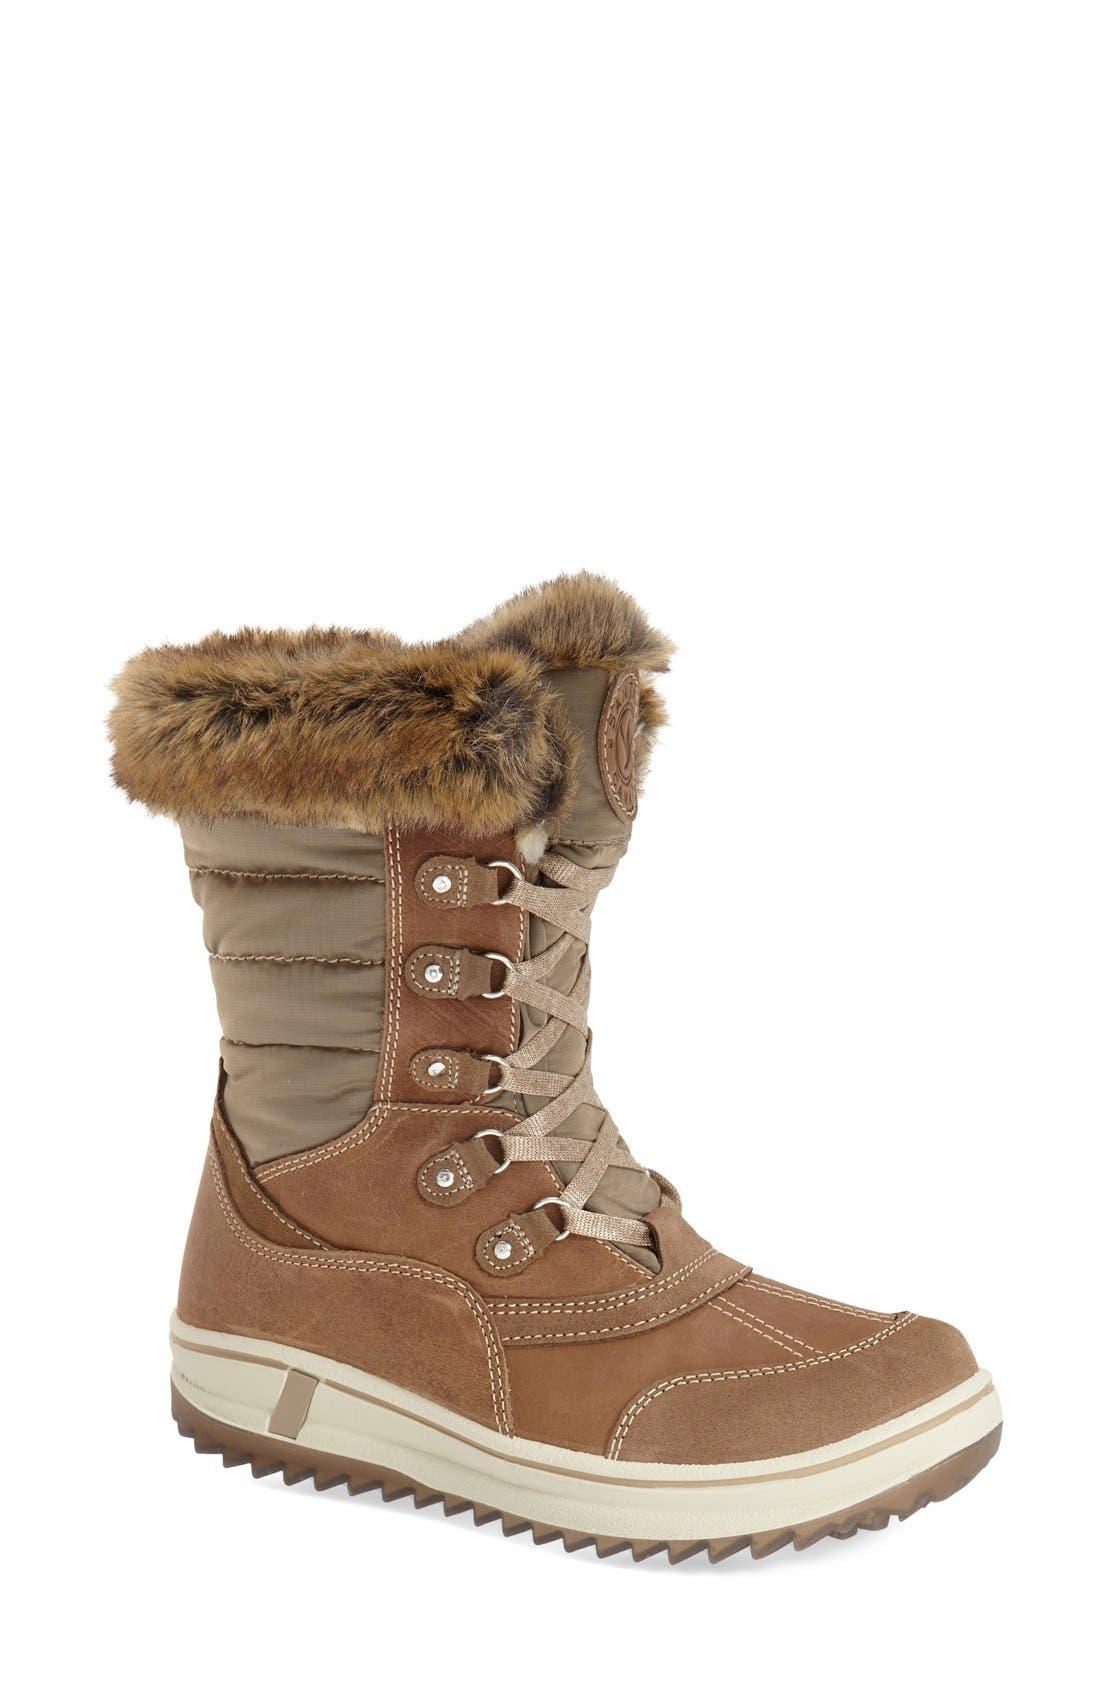 Main Image - Santana Canada 'Myrah' Faux Fur Waterproof Boot (Women)